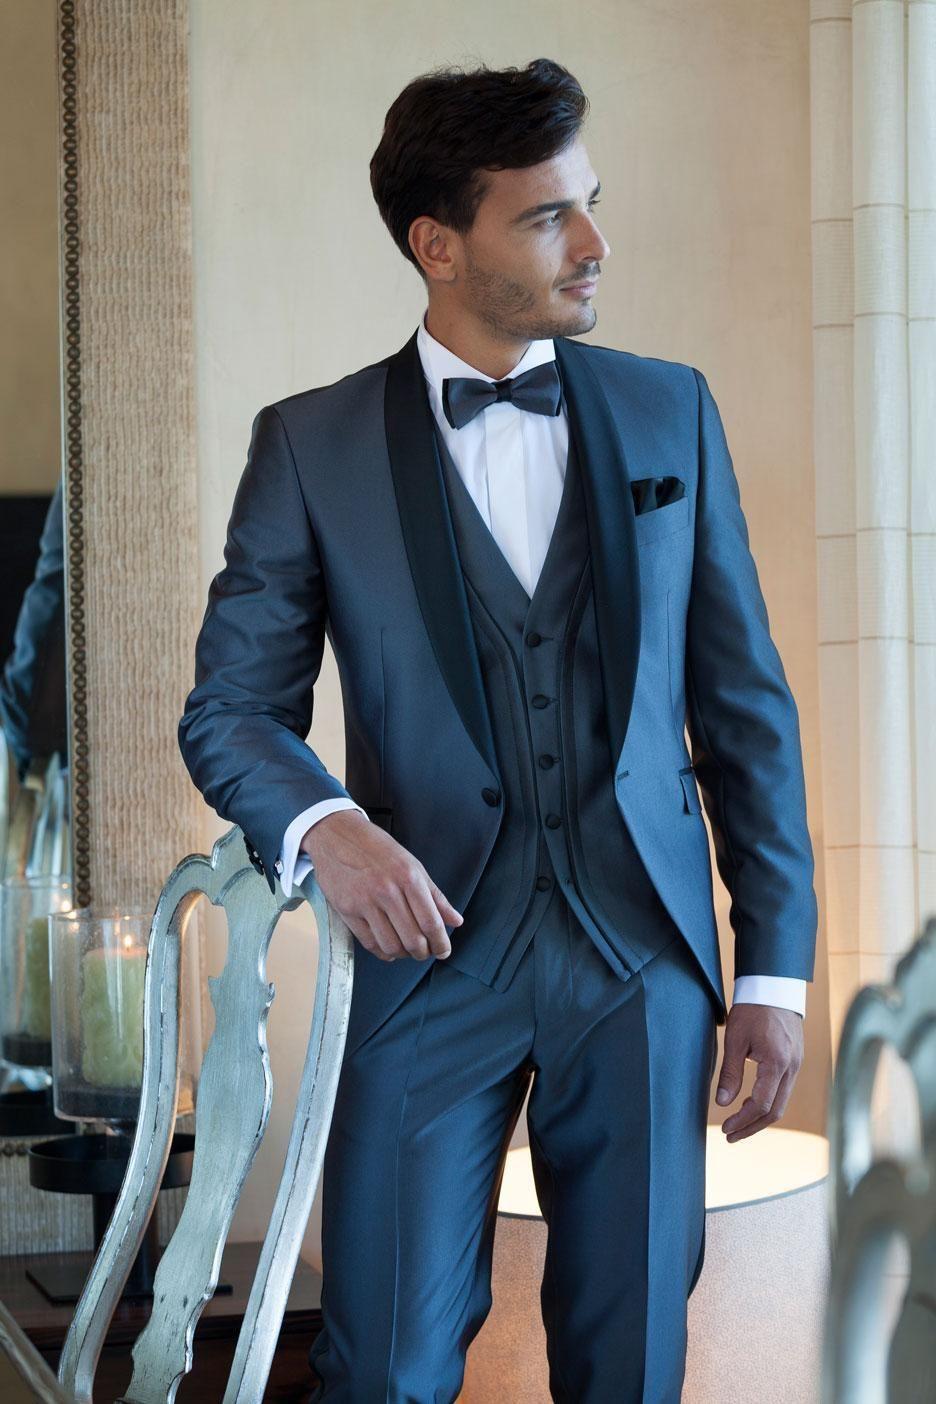 Pas cher 2015 arrivée de nouveaux costumes pour hommes bleu marine sur  mesure Best Men costumes costume de mariage Groom Tuxedos Groomsman veste +  pantalon ... 11fa81d7d2b